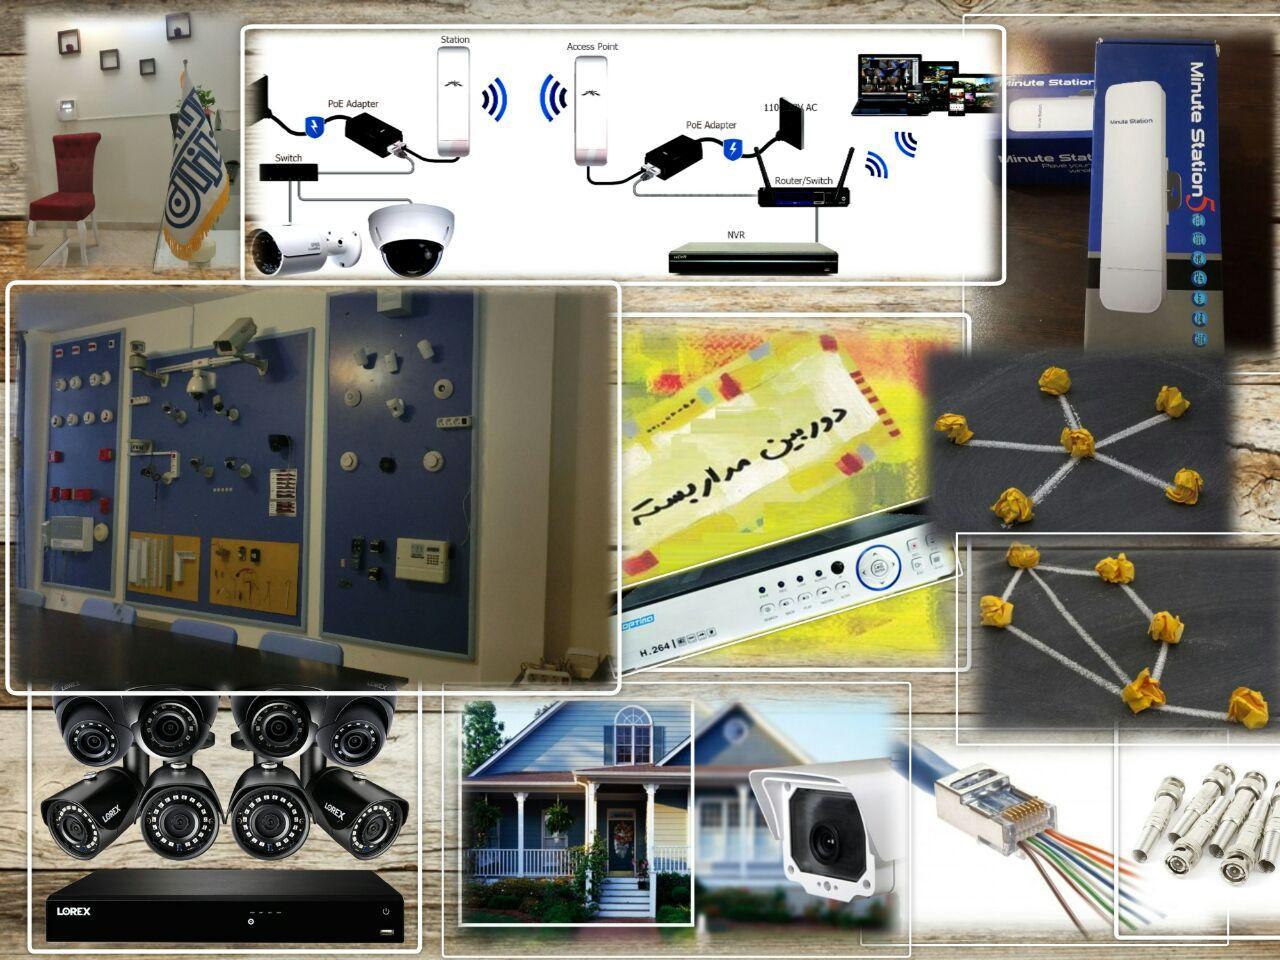 دوره نصب و تعمیرات سیستمهای مداربسته (دوربین و Dvr)